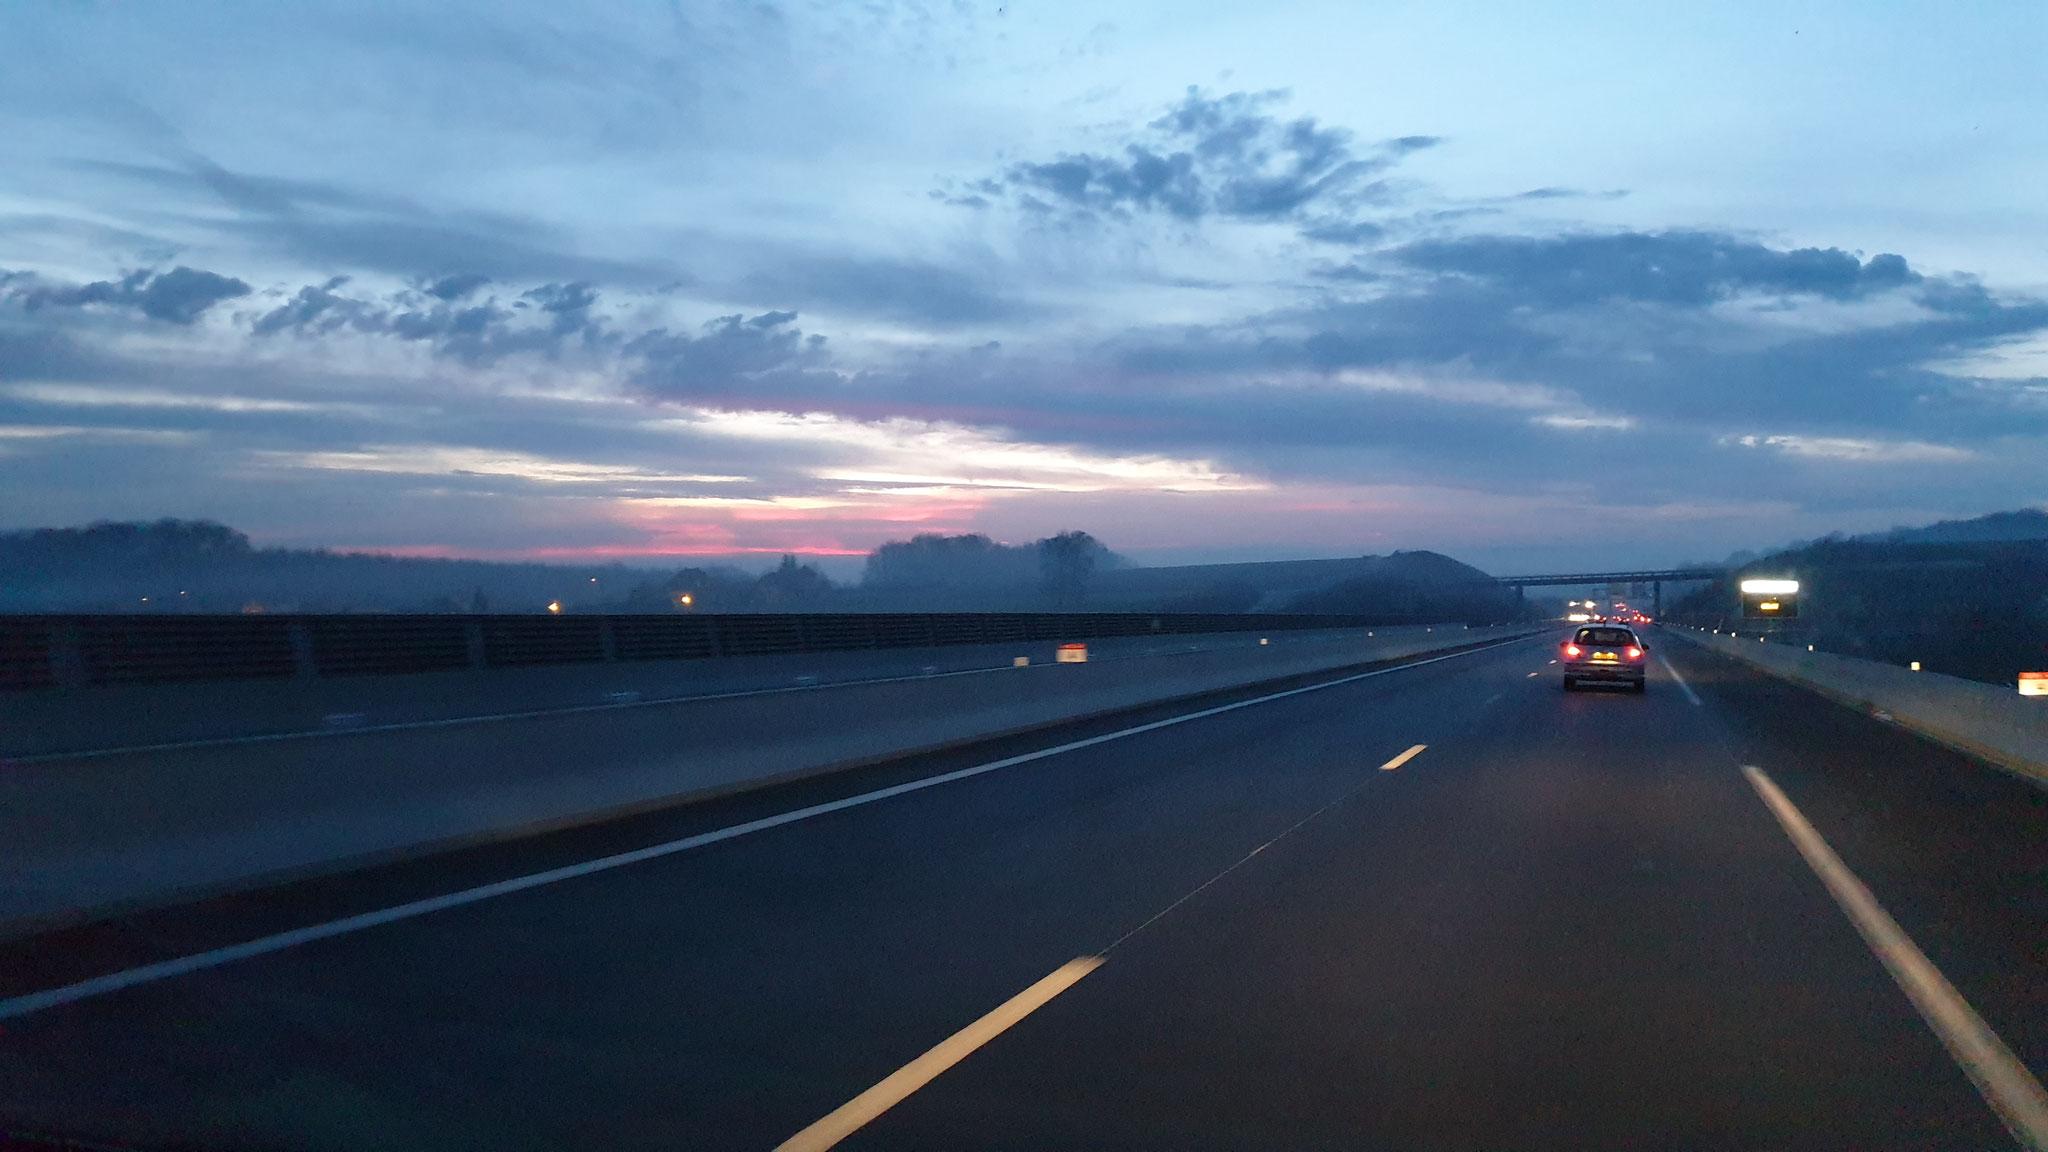 Sonnenaufgang in der Ferne...